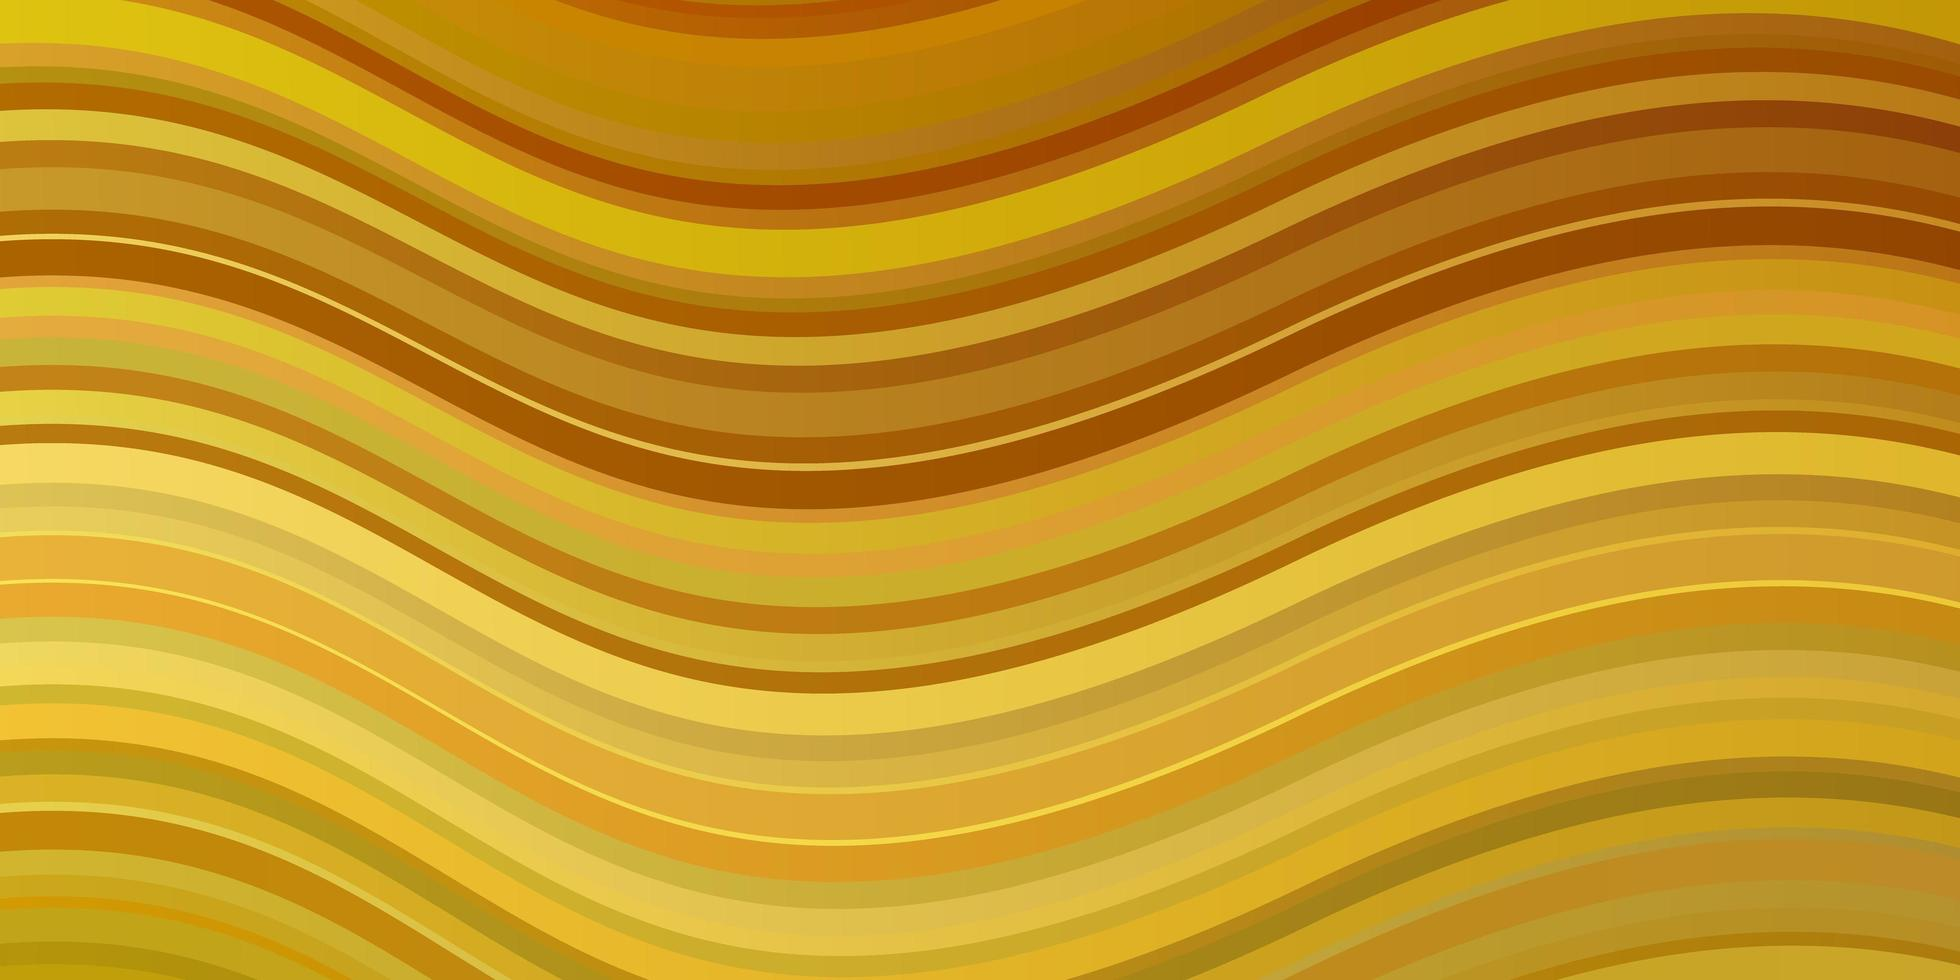 mörkgult vektormönster med kurvor. vektor